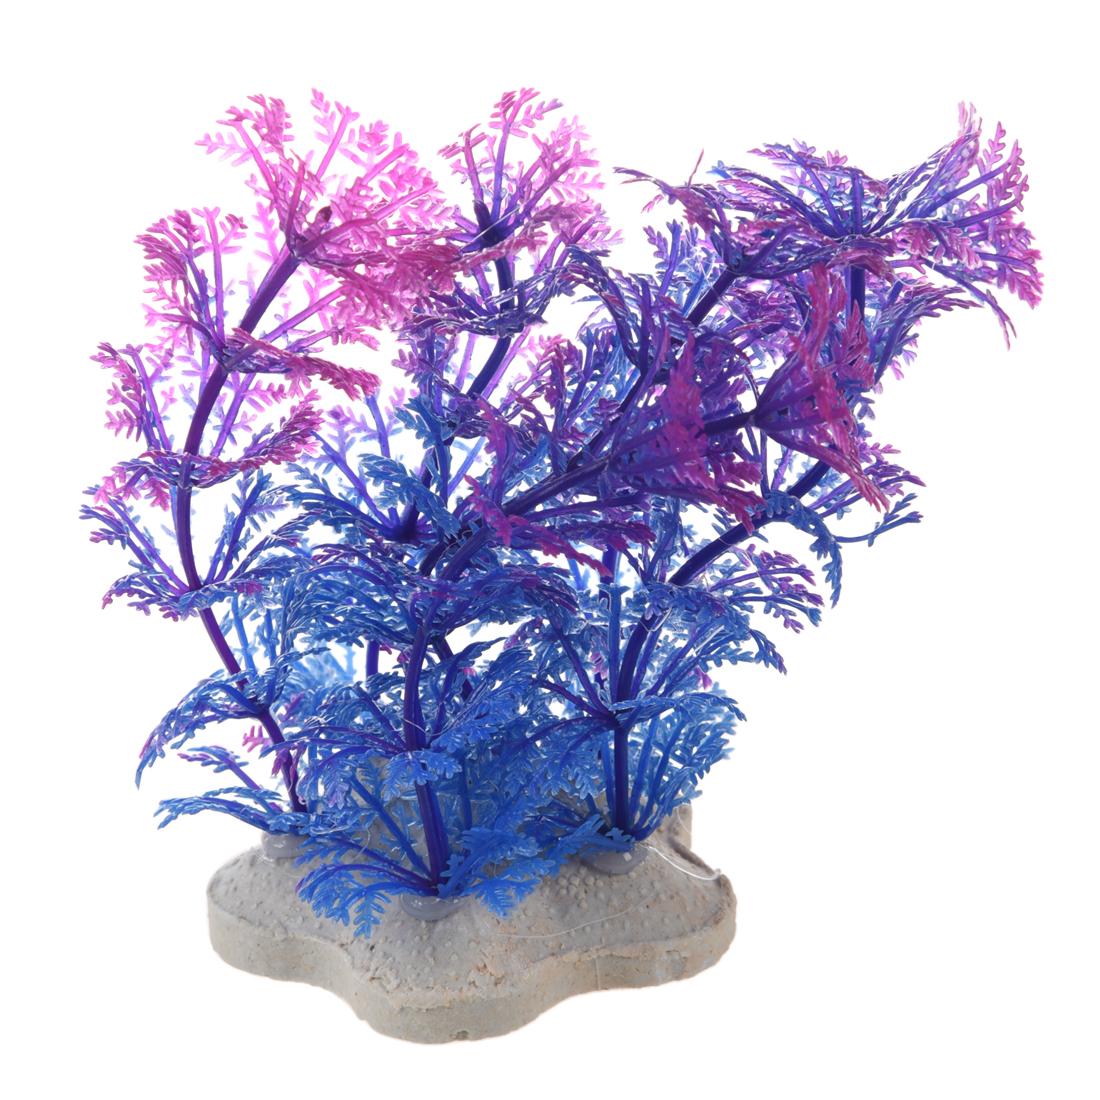 Artificial plant 10cm aquarium decoration water plant for Aquarium plant decoration